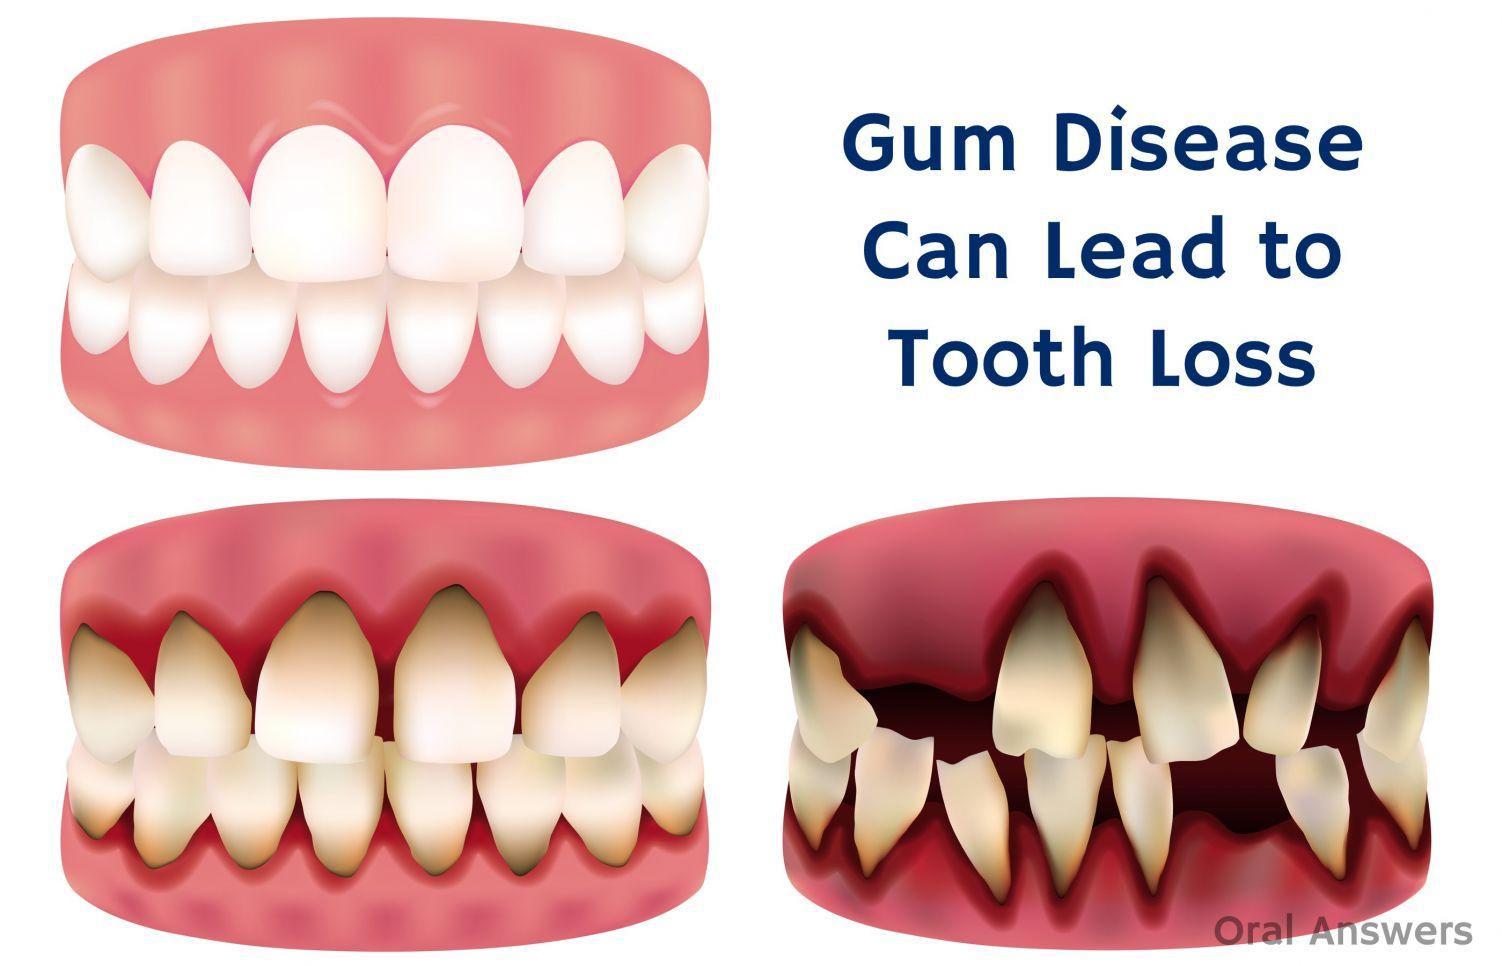 Как укрепить десны зубов в домашних условиях? - Асепта 79